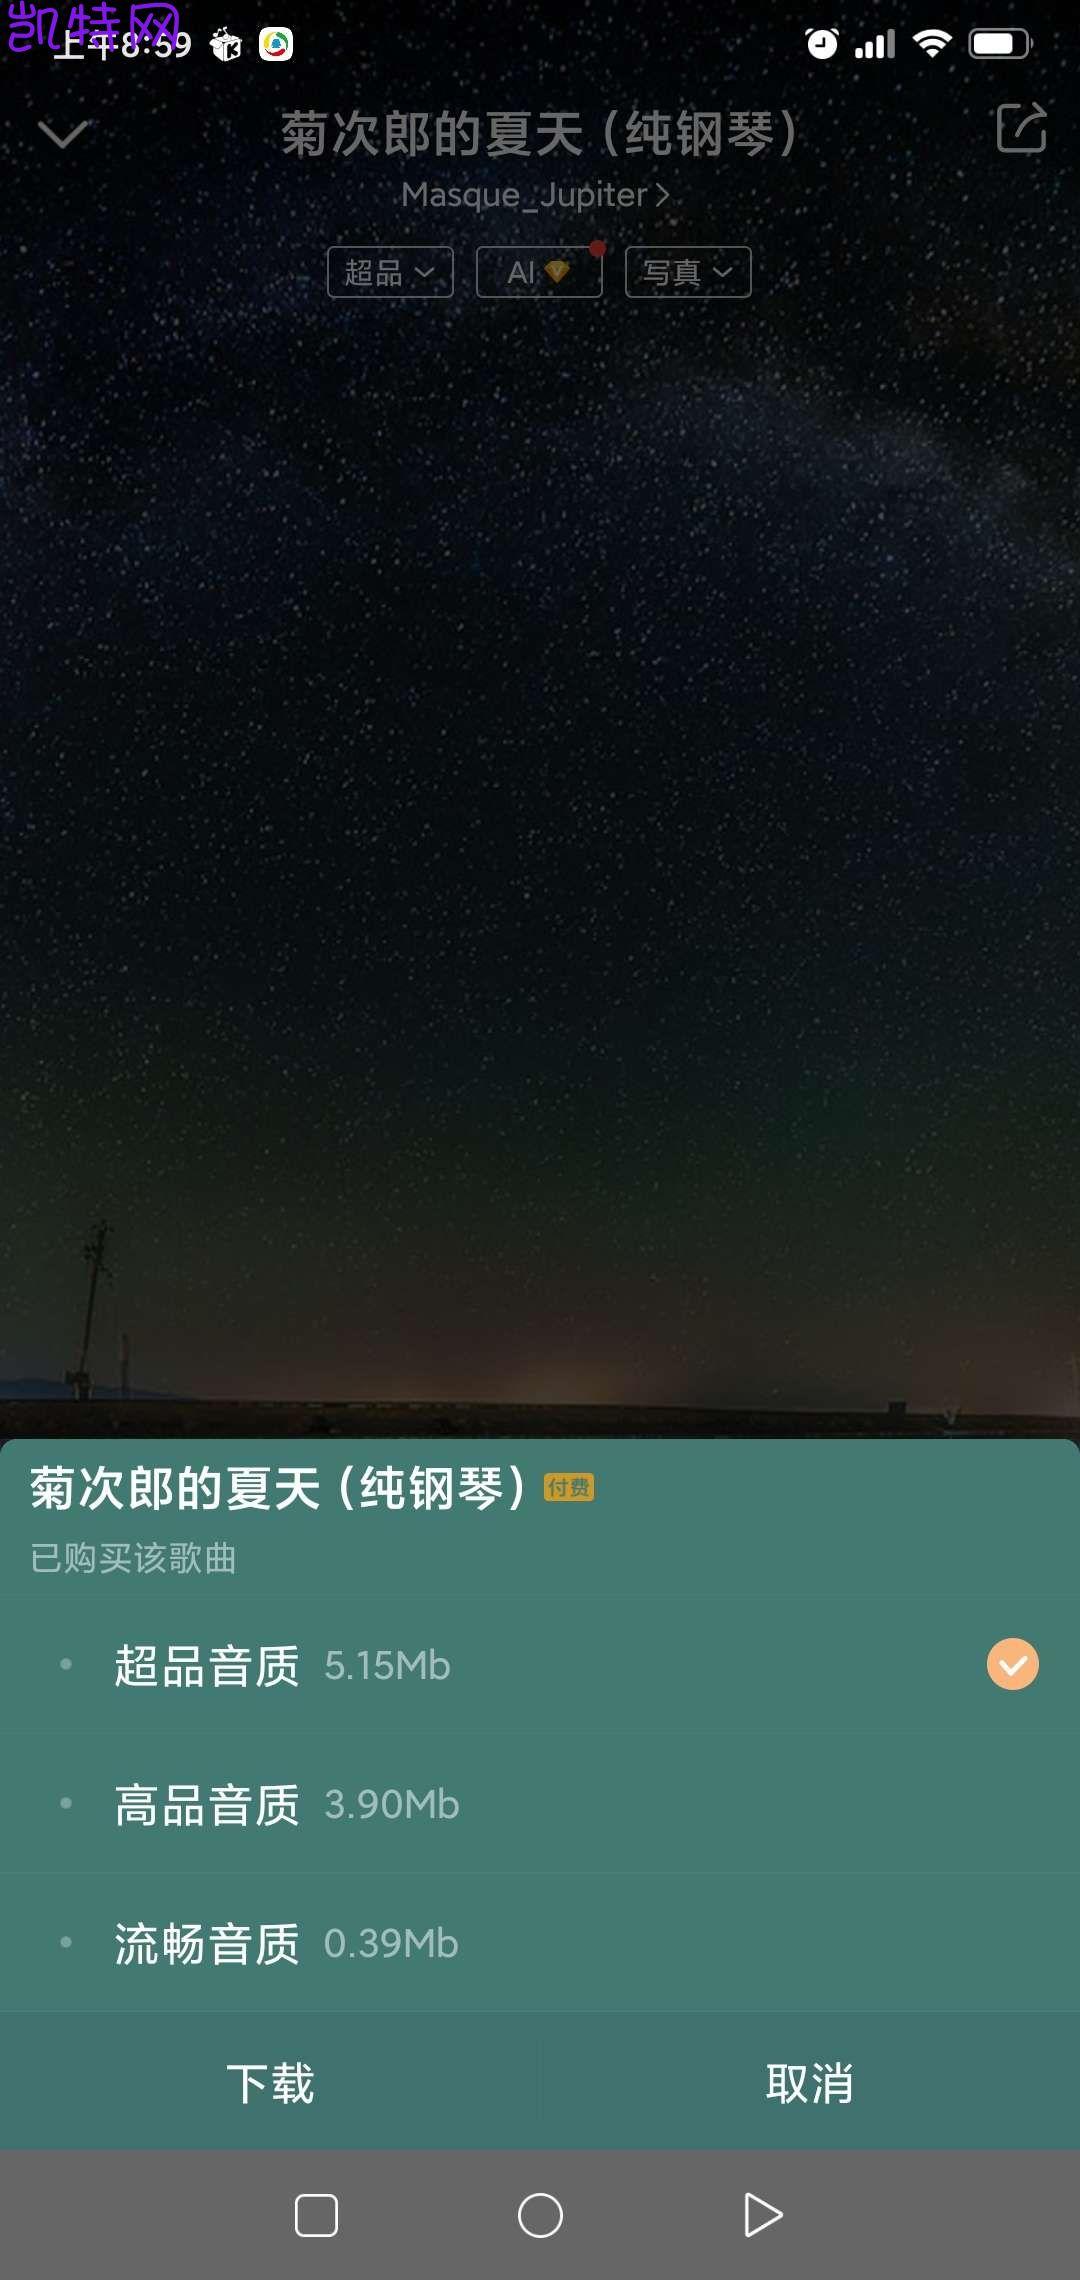 【分享】酷我音乐v9.3.14/破解会员/可下载无版权音乐/无损